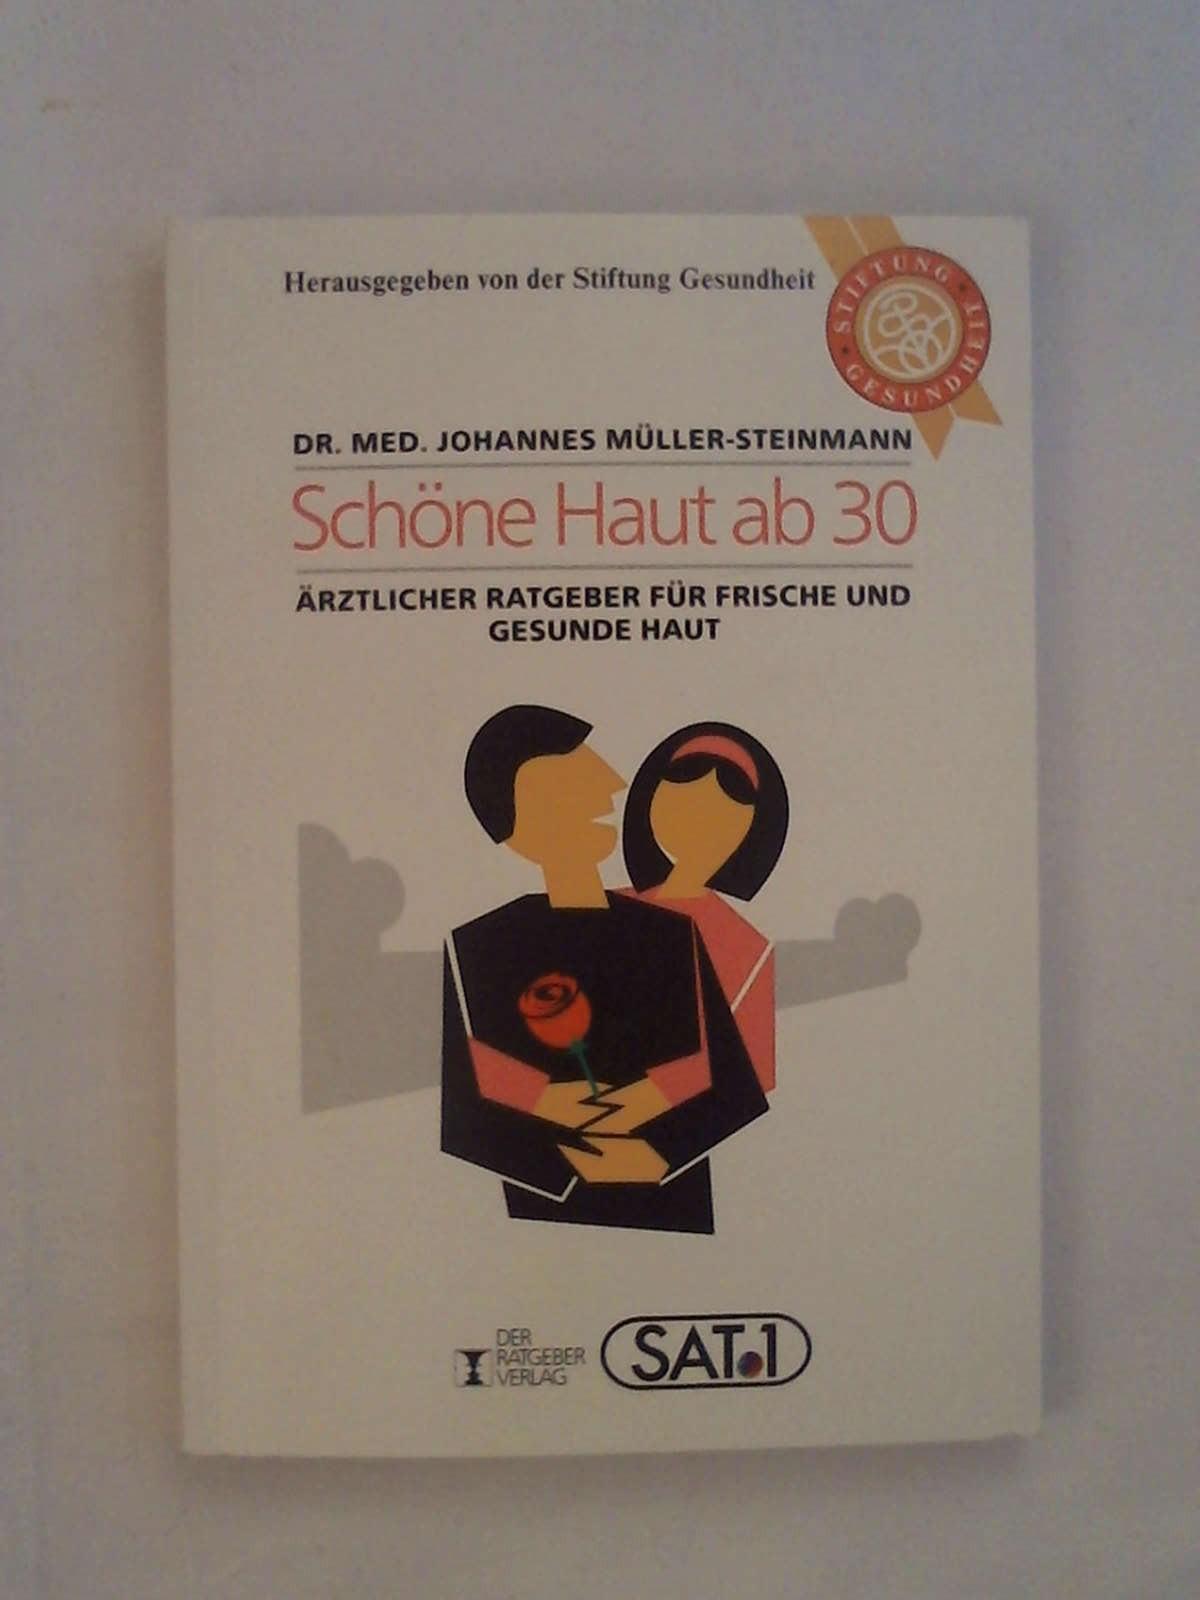 Schöne Haut ab 30: Ärztlicher Ratgeber für frische und gesunde Haut (Serie Gesundheit) - Johannes Müller-Steinmann